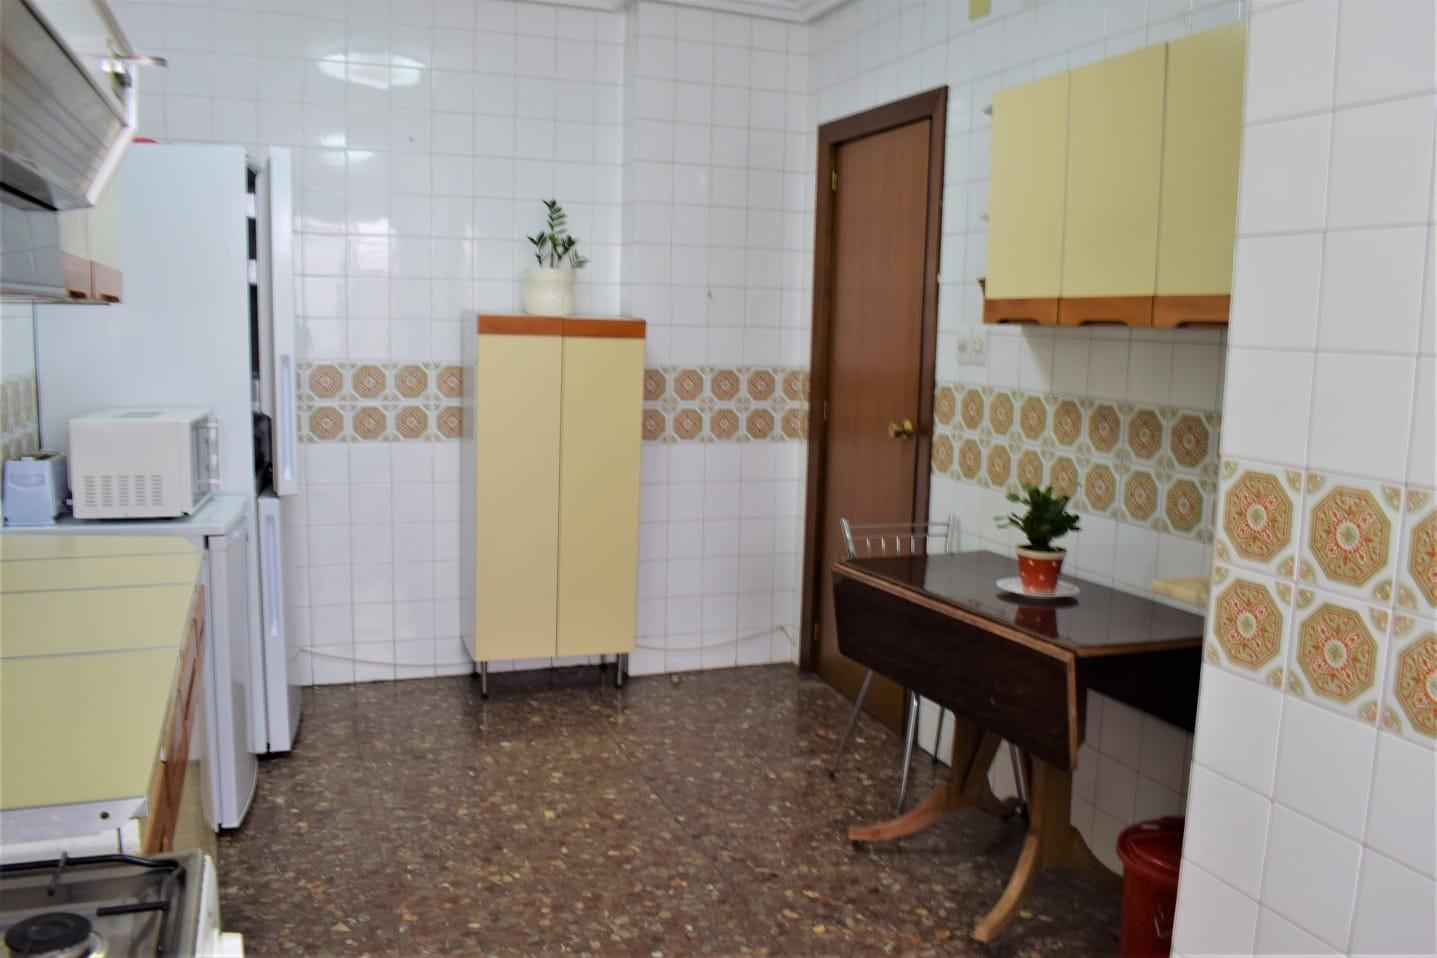 piso-centrico-jaen-9ea4d4e97f360867c2333506105e12b2